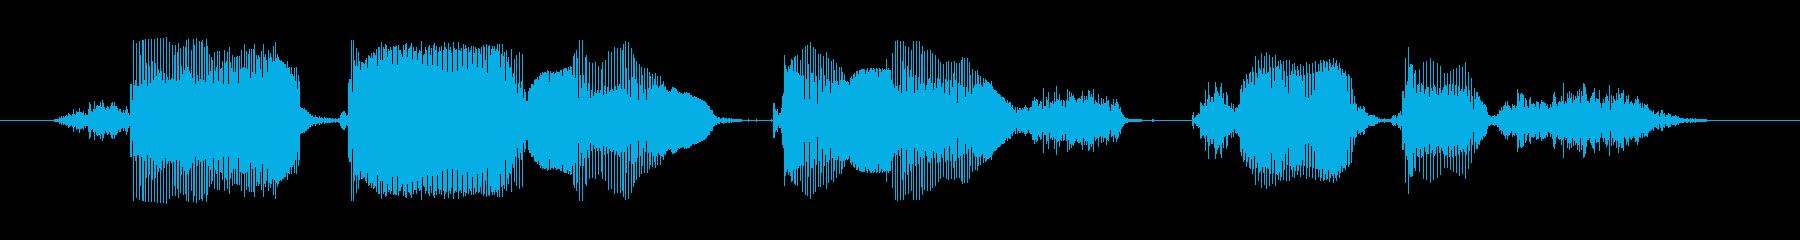 サーバーメンテナンス中ですの再生済みの波形